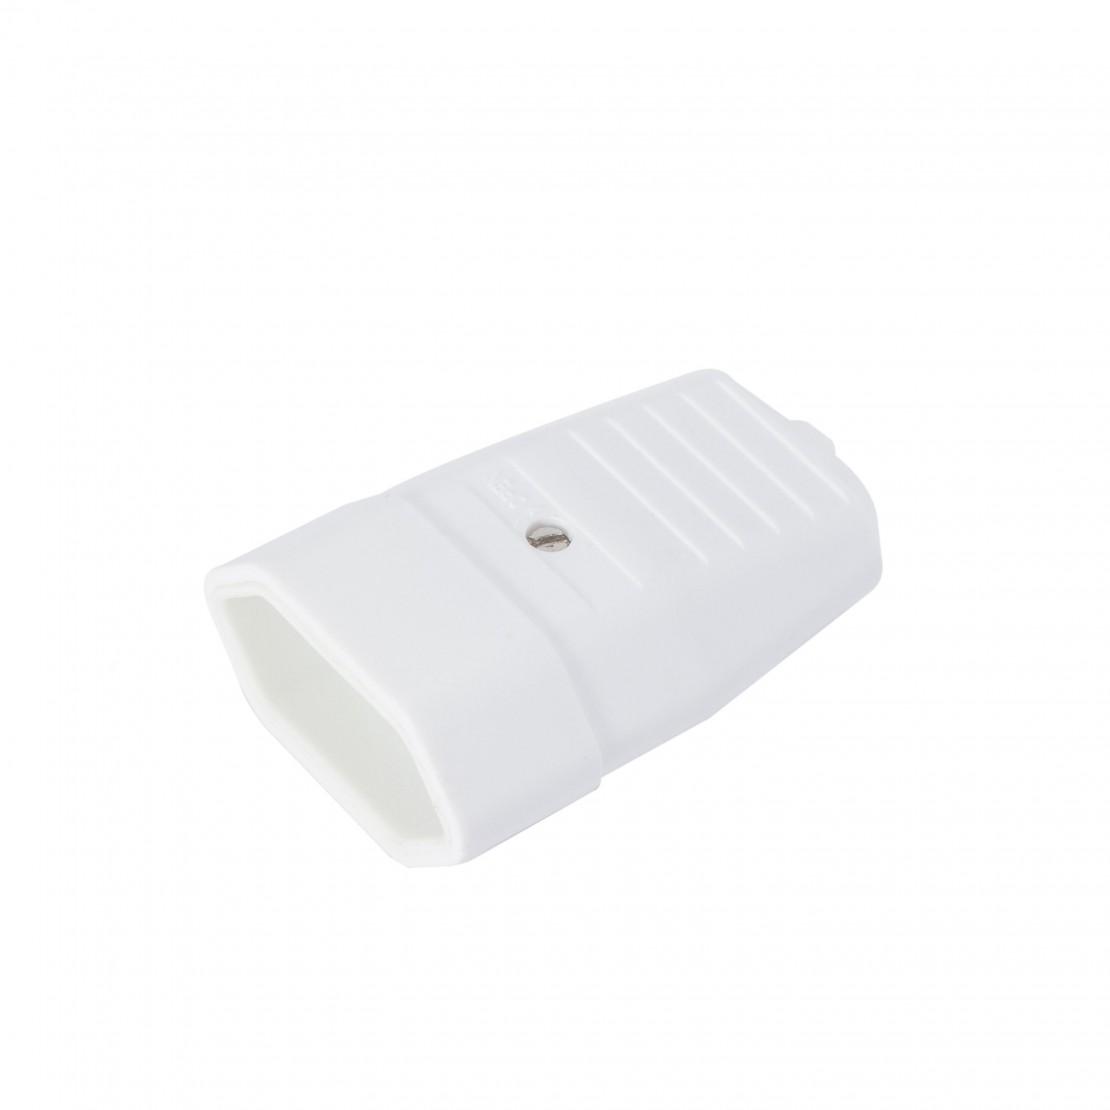 Platte stekker, 2,5A, wit (2 stuks)